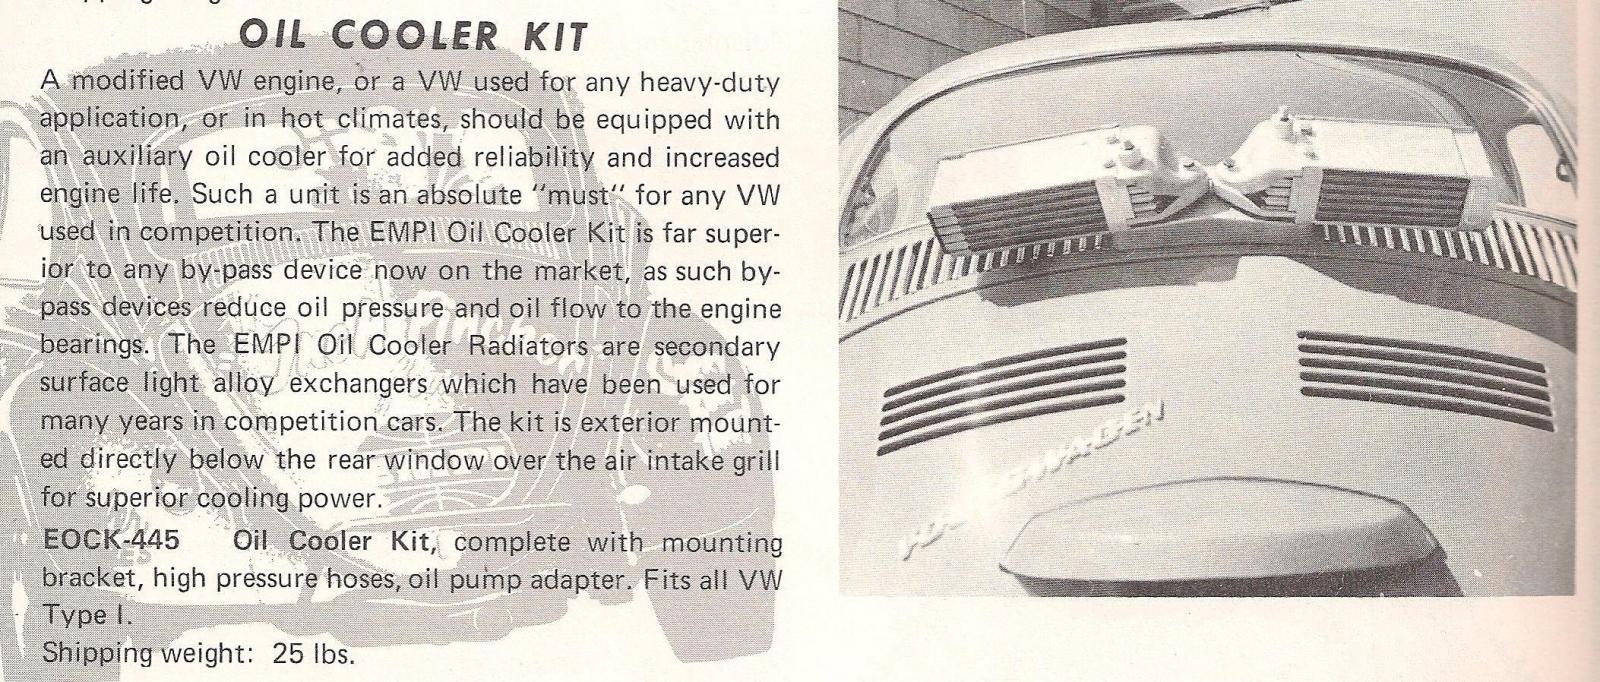 Empi Batwing Oil Cooler catalog ads